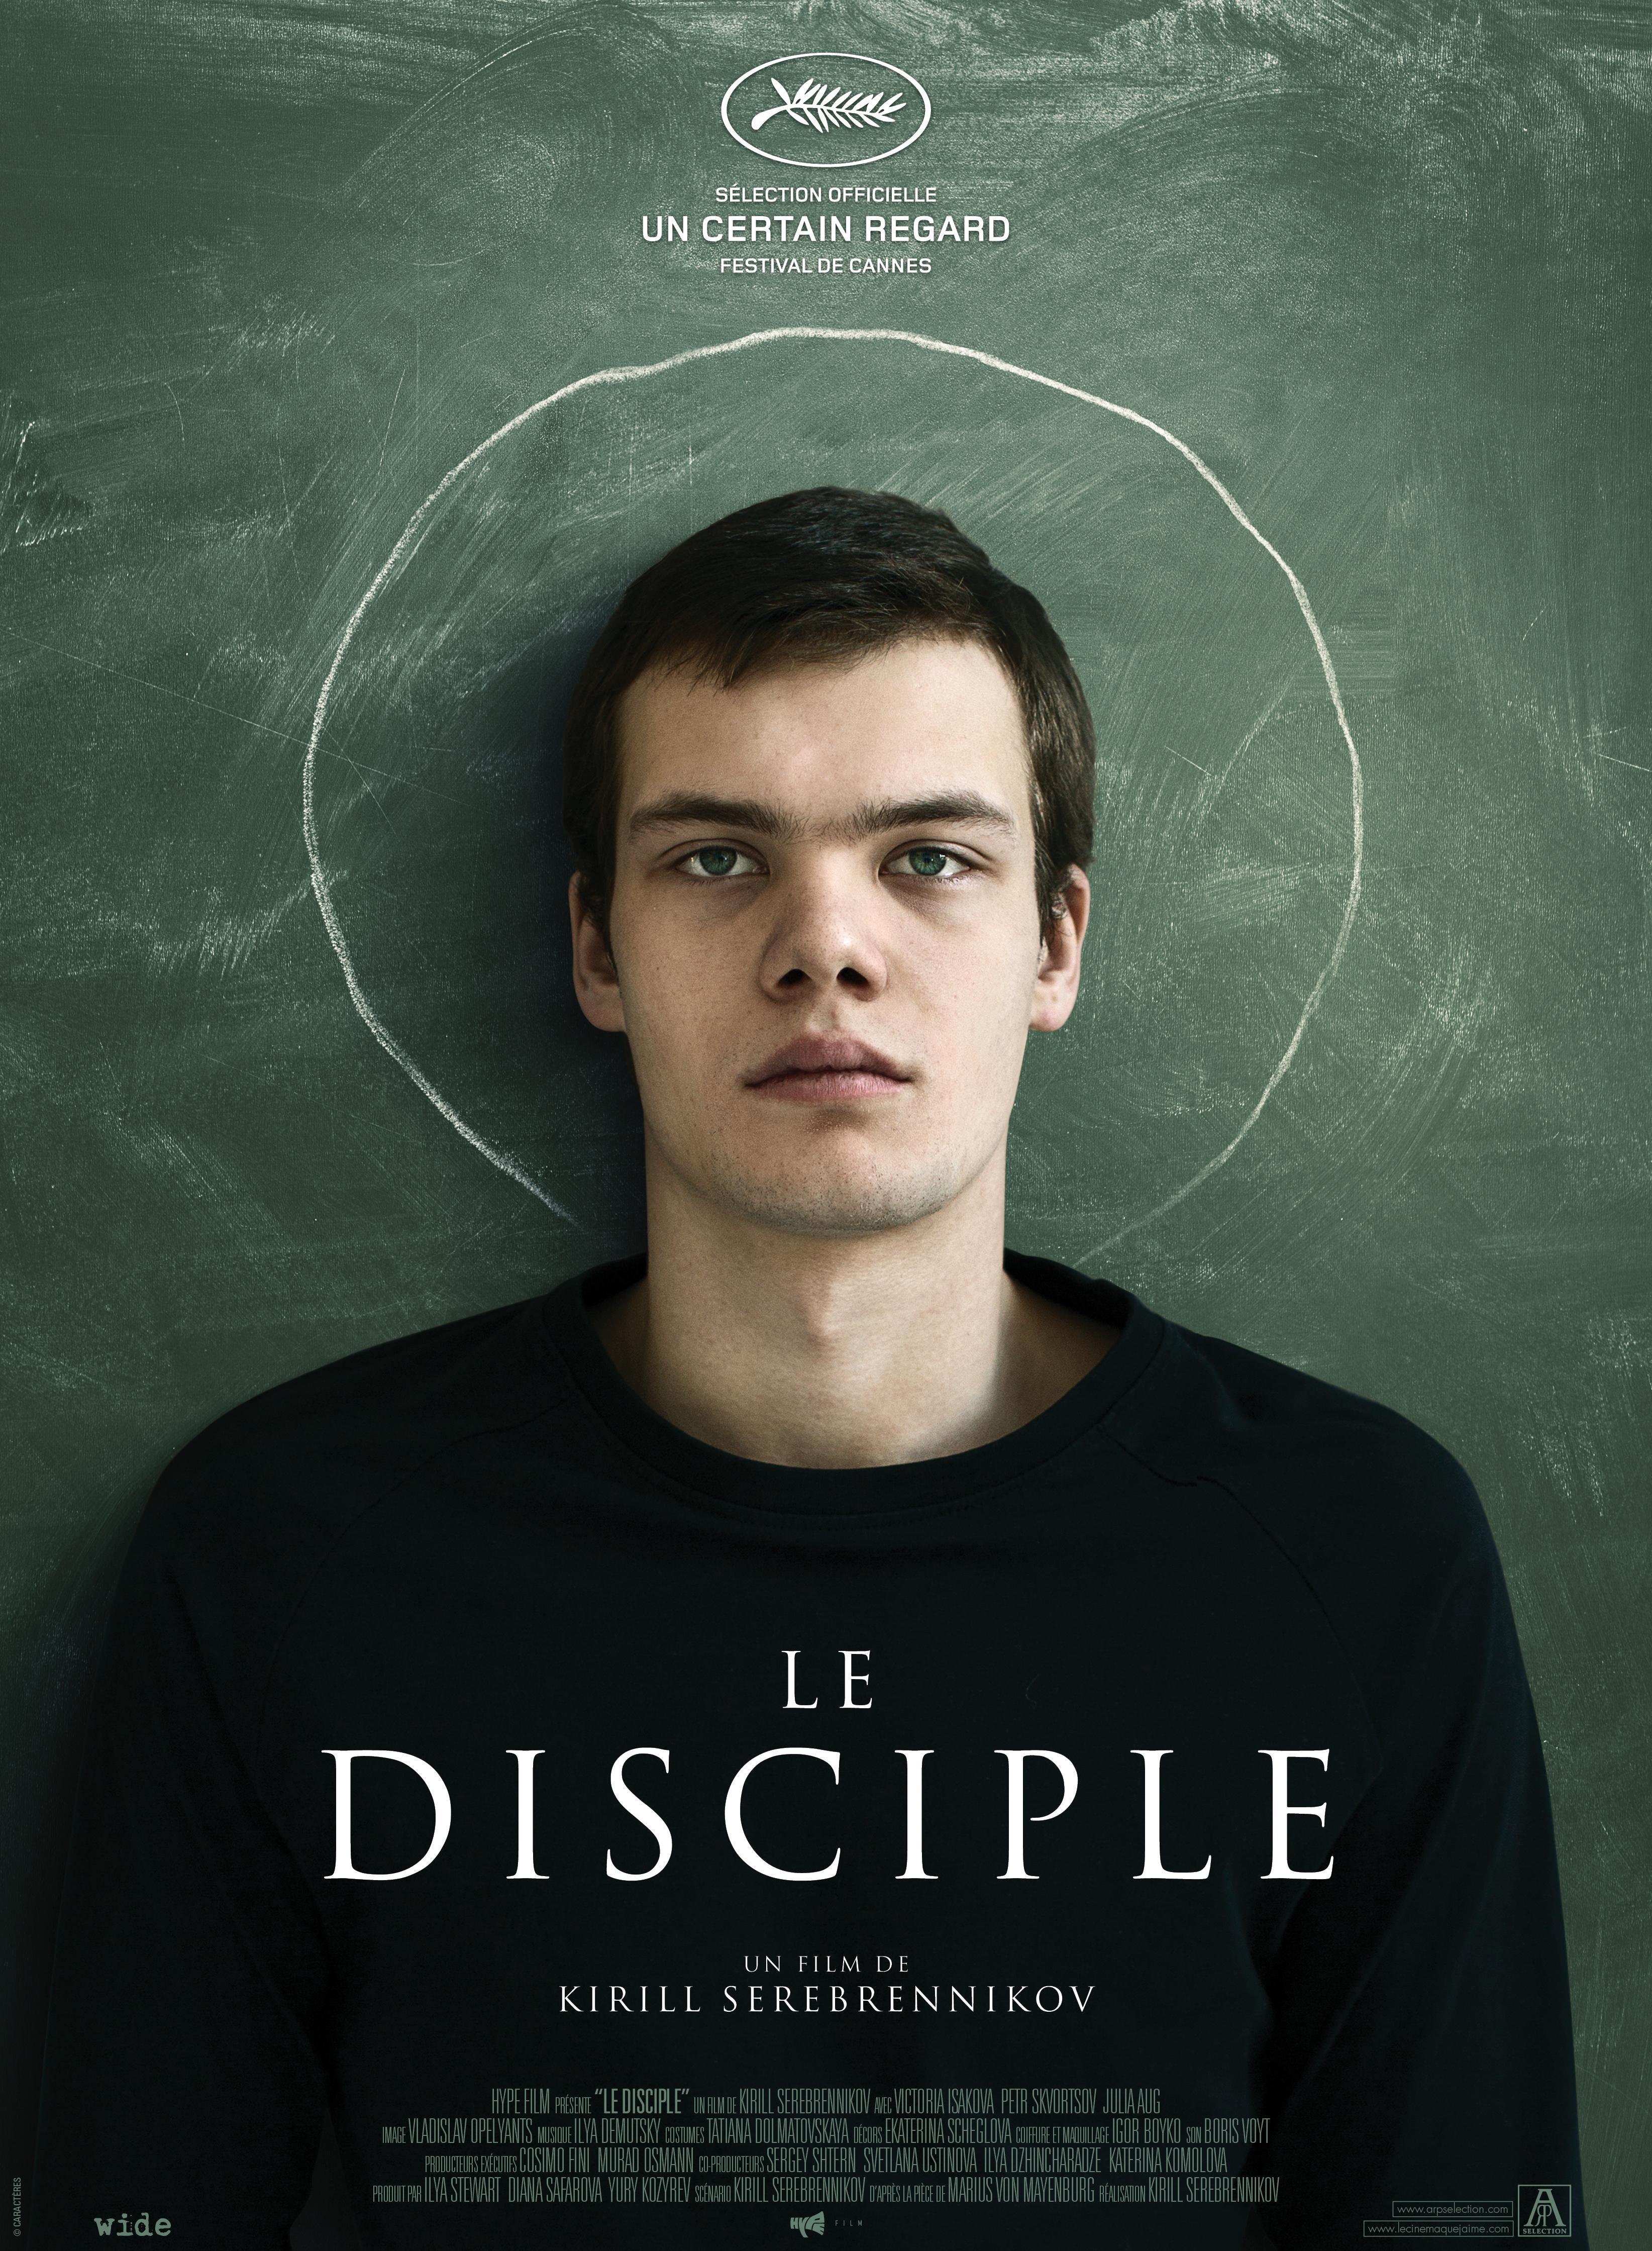 Uchenik (The Student), estremismo cattolico – Festival di Cannes 2016